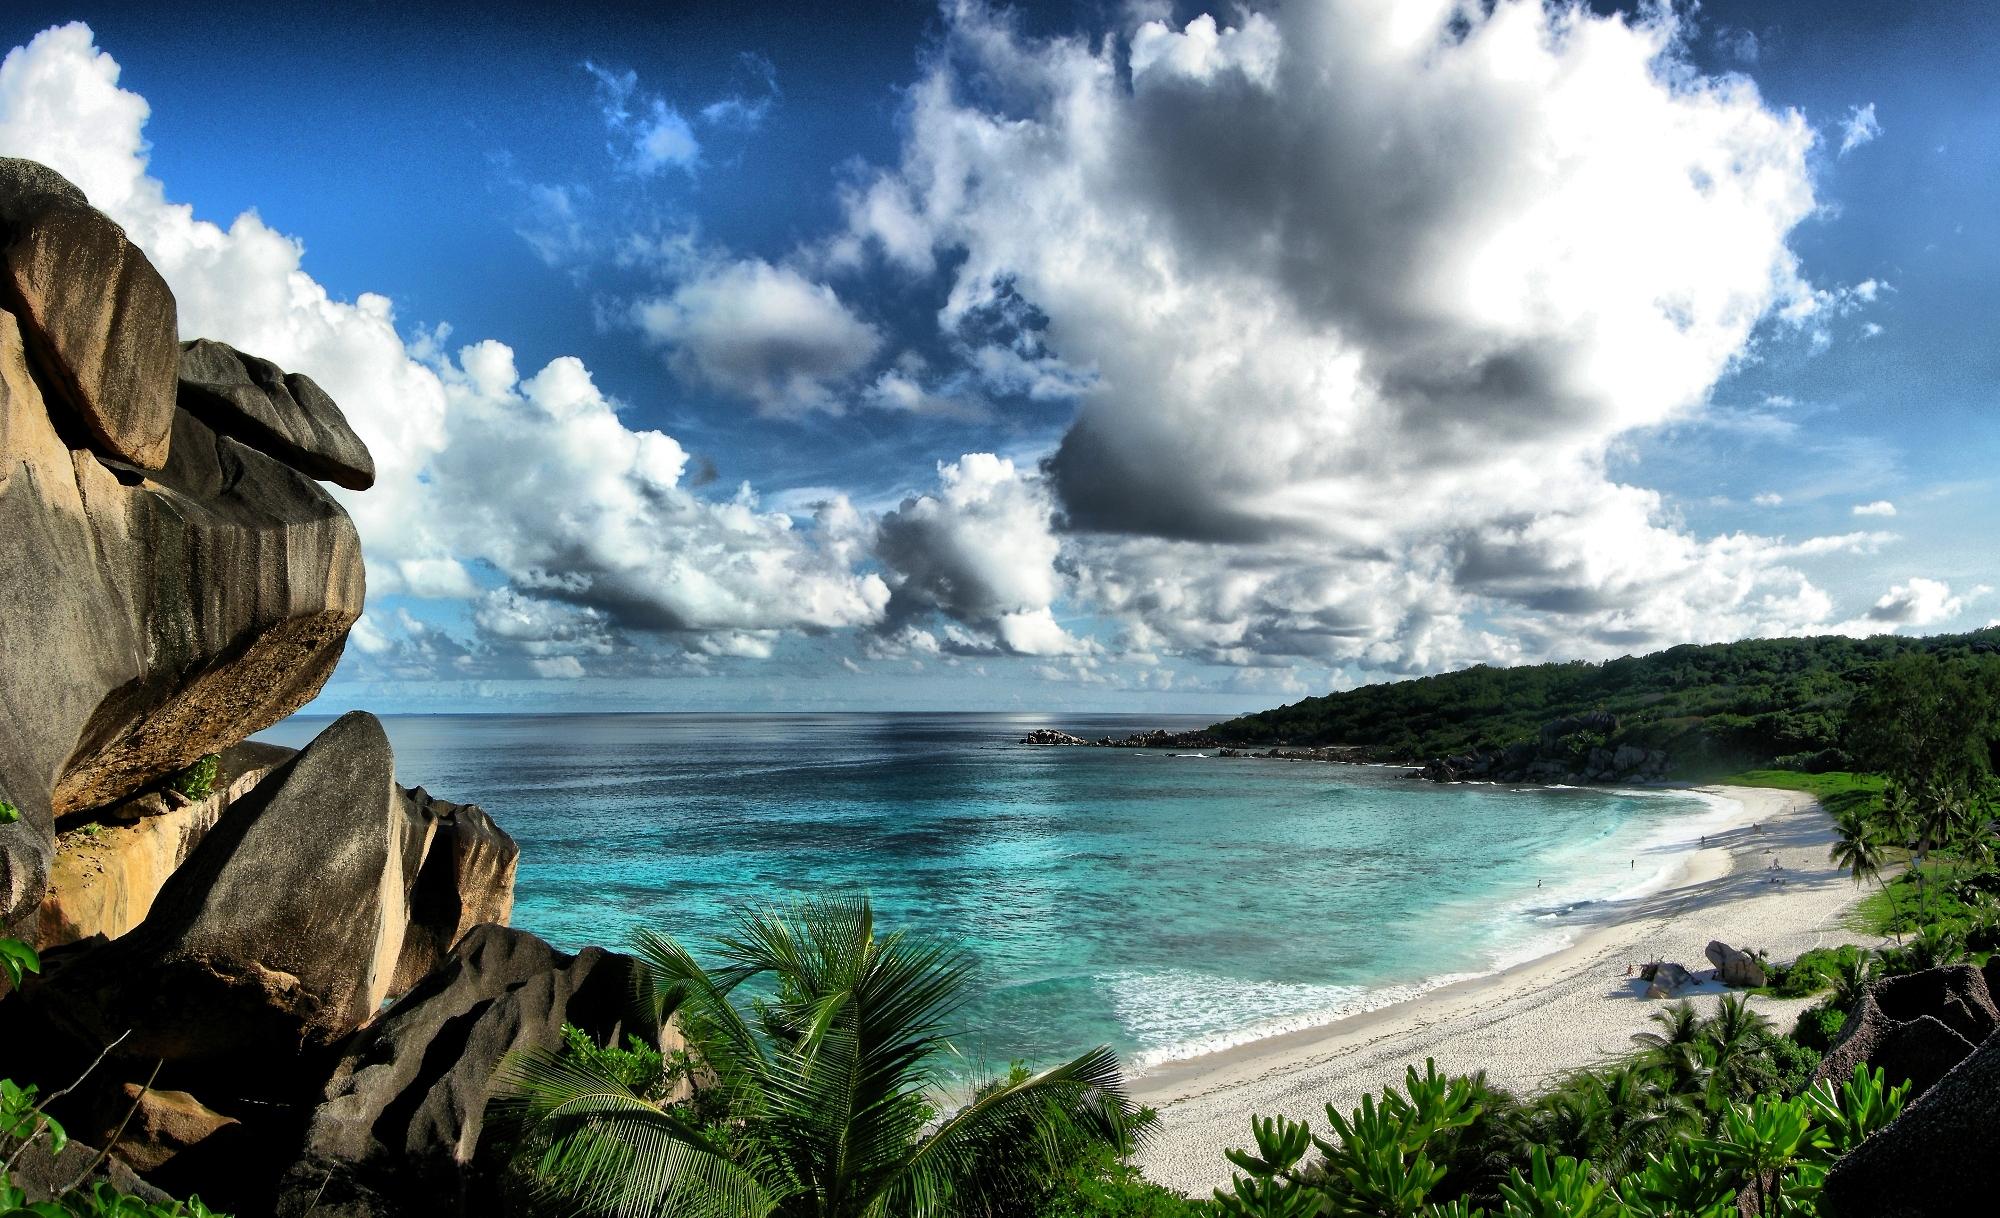 115501 скачать обои Пейзаж, Природа, Скалы, Море, Берег, Небо - заставки и картинки бесплатно